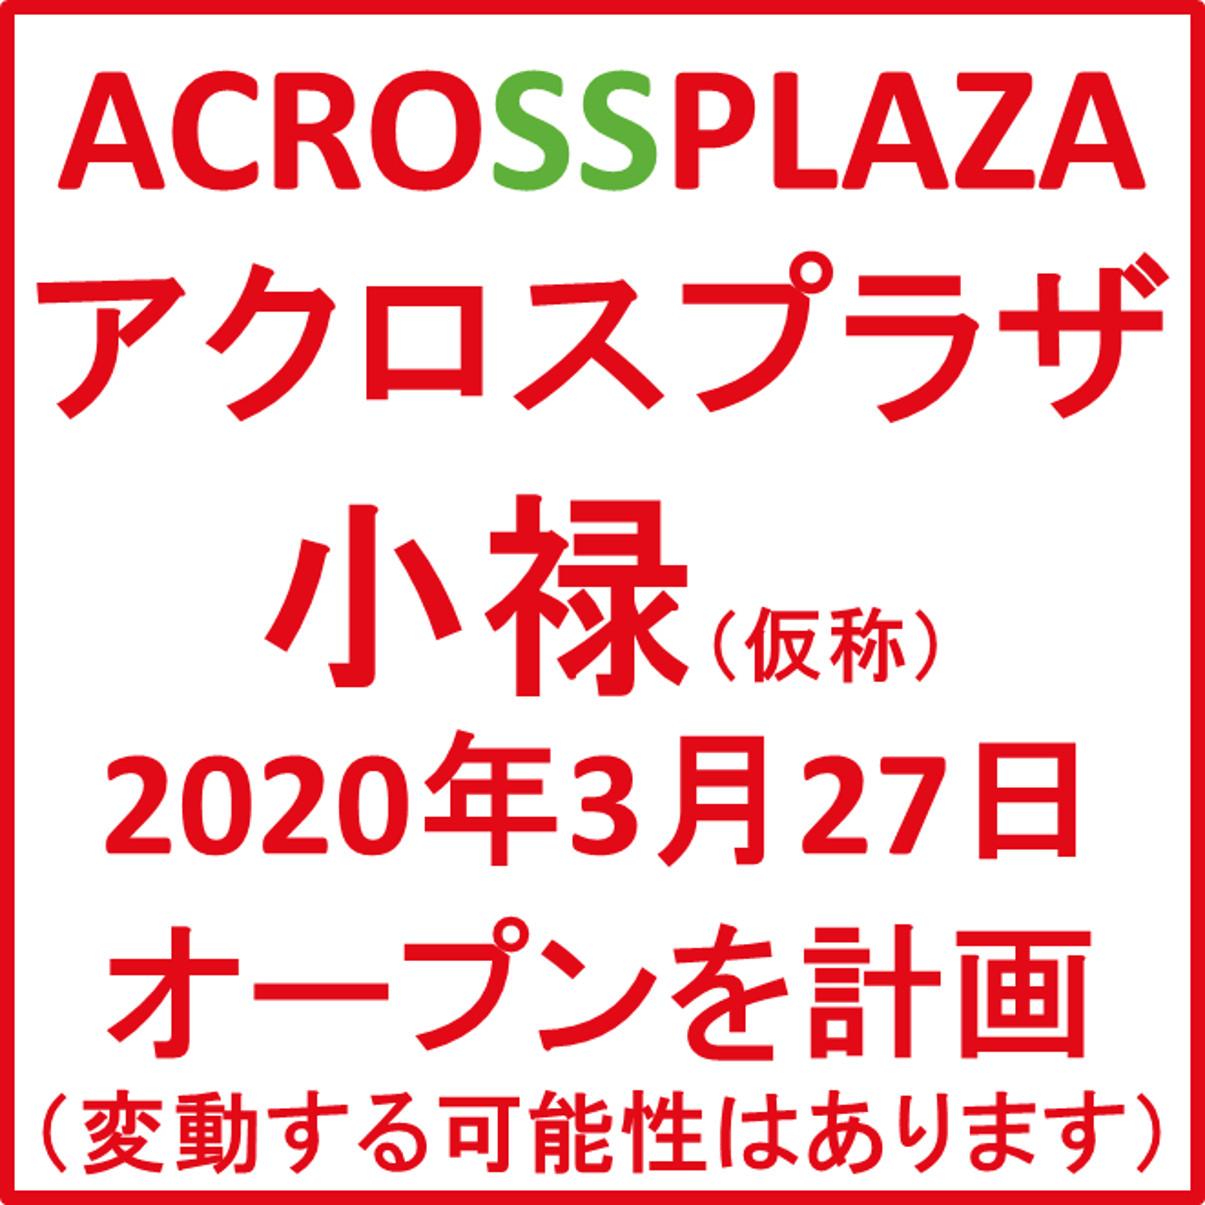 アクロスプラザ小禄仮称20200327オープン計画アイキャッチ1205